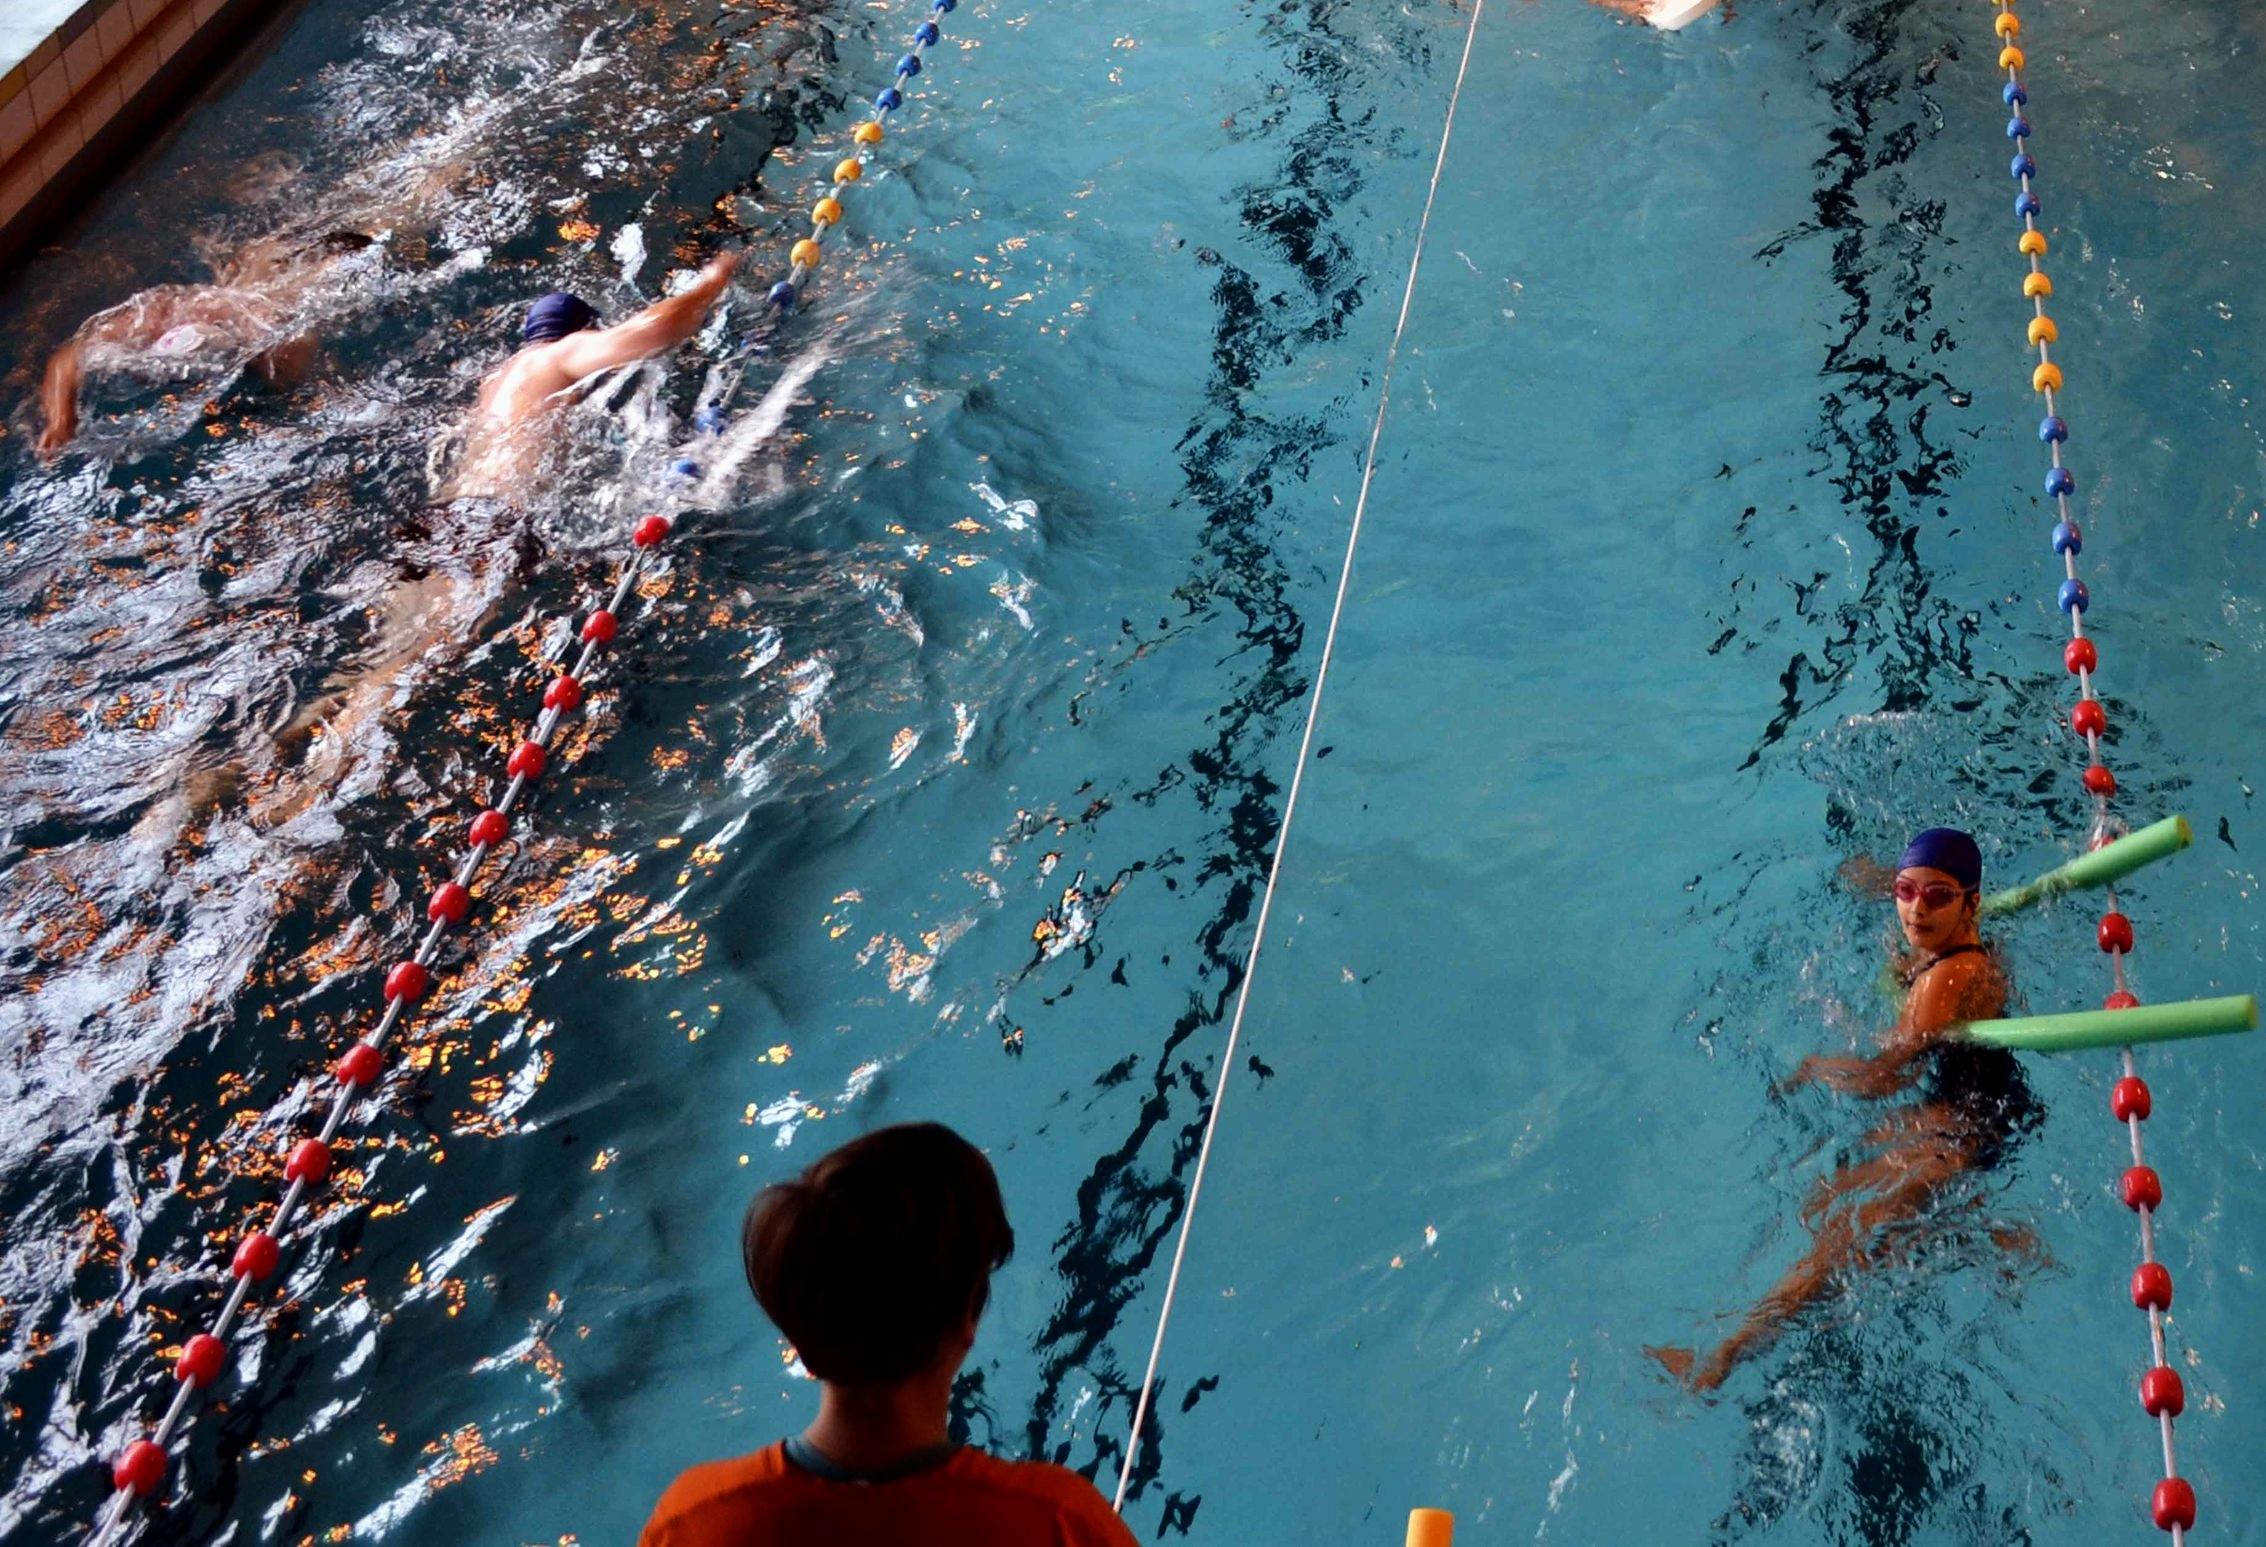 Apprentissage Ados et Adultes - Vous avez peur de l'eau ?Vous voulez apprendre à nager ?C'est possible.Si vous n'avez pas eu l'occasion d'apprendre à nager ou si vous êtes restés sur une mauvaise expérience, nous reprenons tout depuis le début : prise de conscience de la flottaison, immersion, ainsi que respiration. Nous irons ensuite à la rencontre de la technique de la nage progressivement et à votre rythme. Je suis avec vous dans l'eau jusqu'à ce que vous deveniez autonome..Prix : 300 € l'année (36 semaines + assurance)1 cours : 10 €